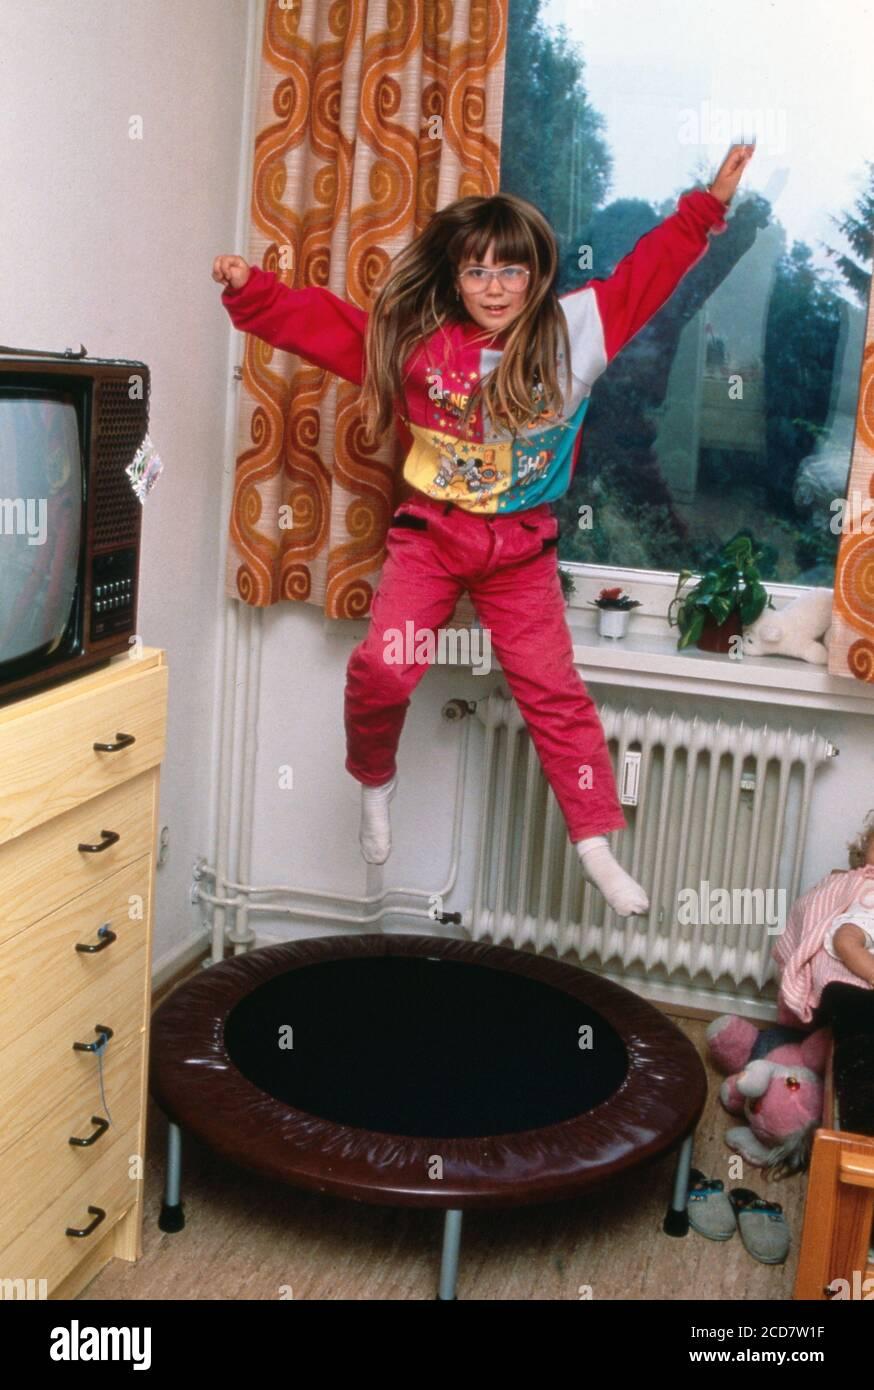 Bildreportage: Linn Westedt tobt auf ihrem Trampolin in ihrem Kinderzimmer Stock Photo